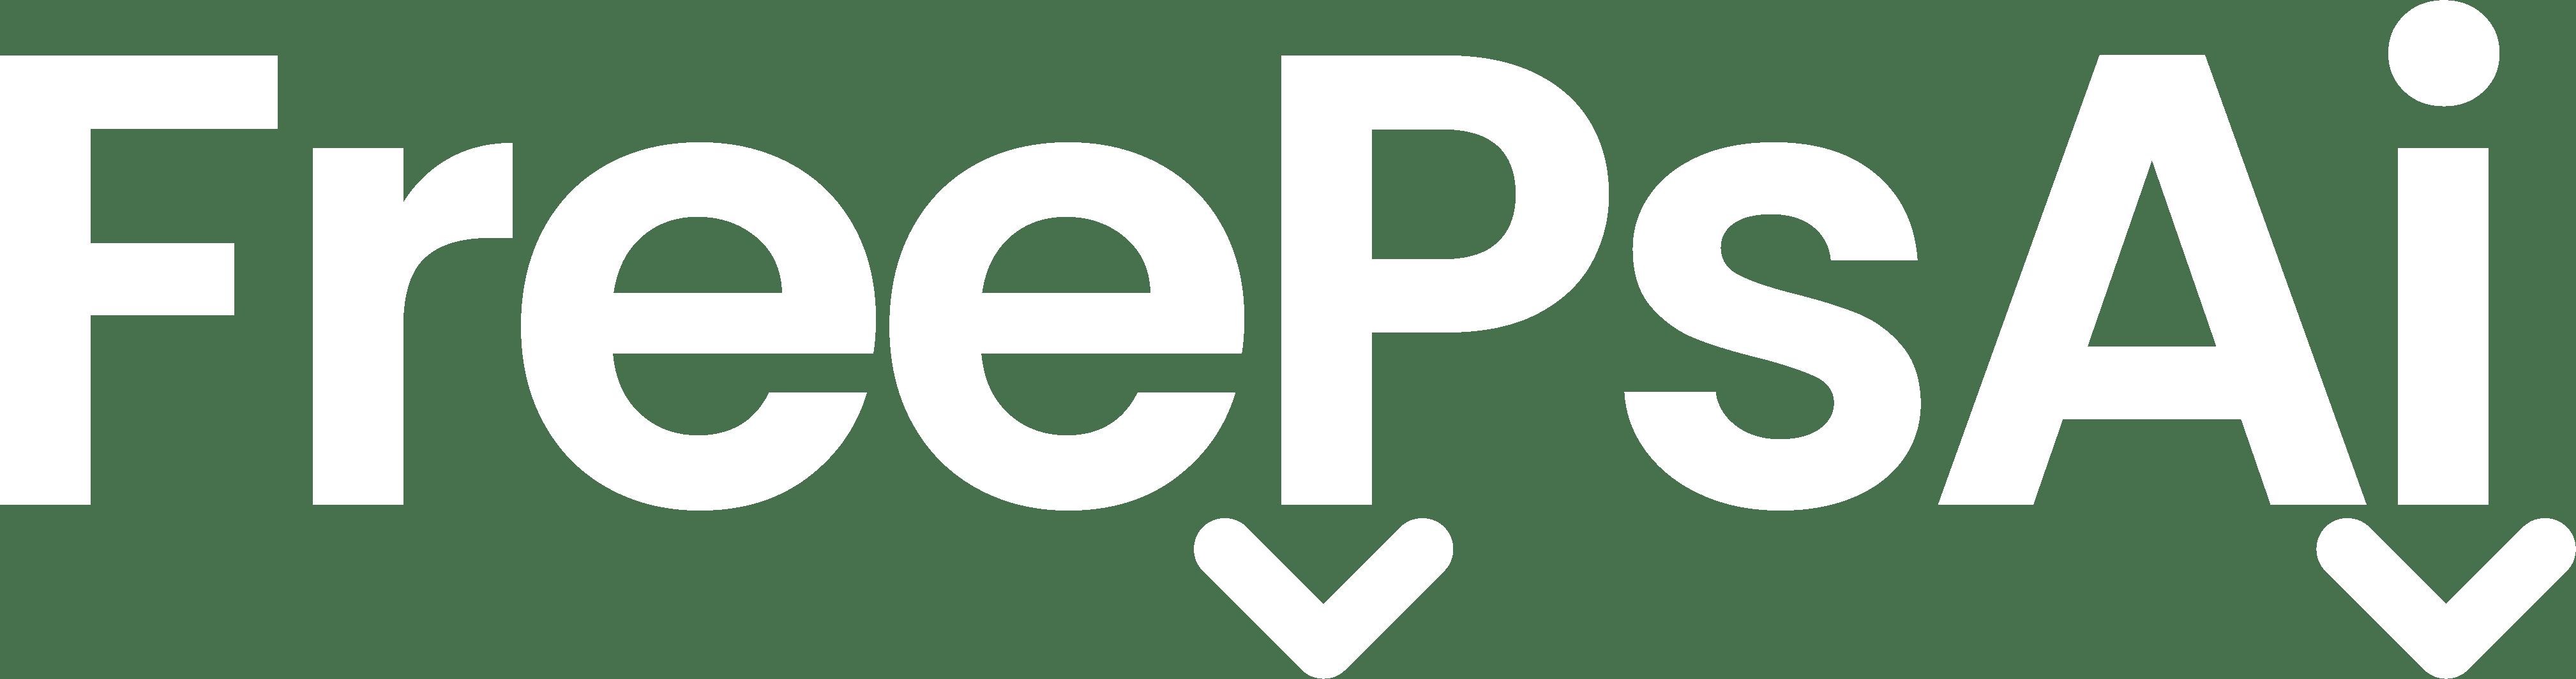 Descarga Gratis Vectores, Plantillas, PSD